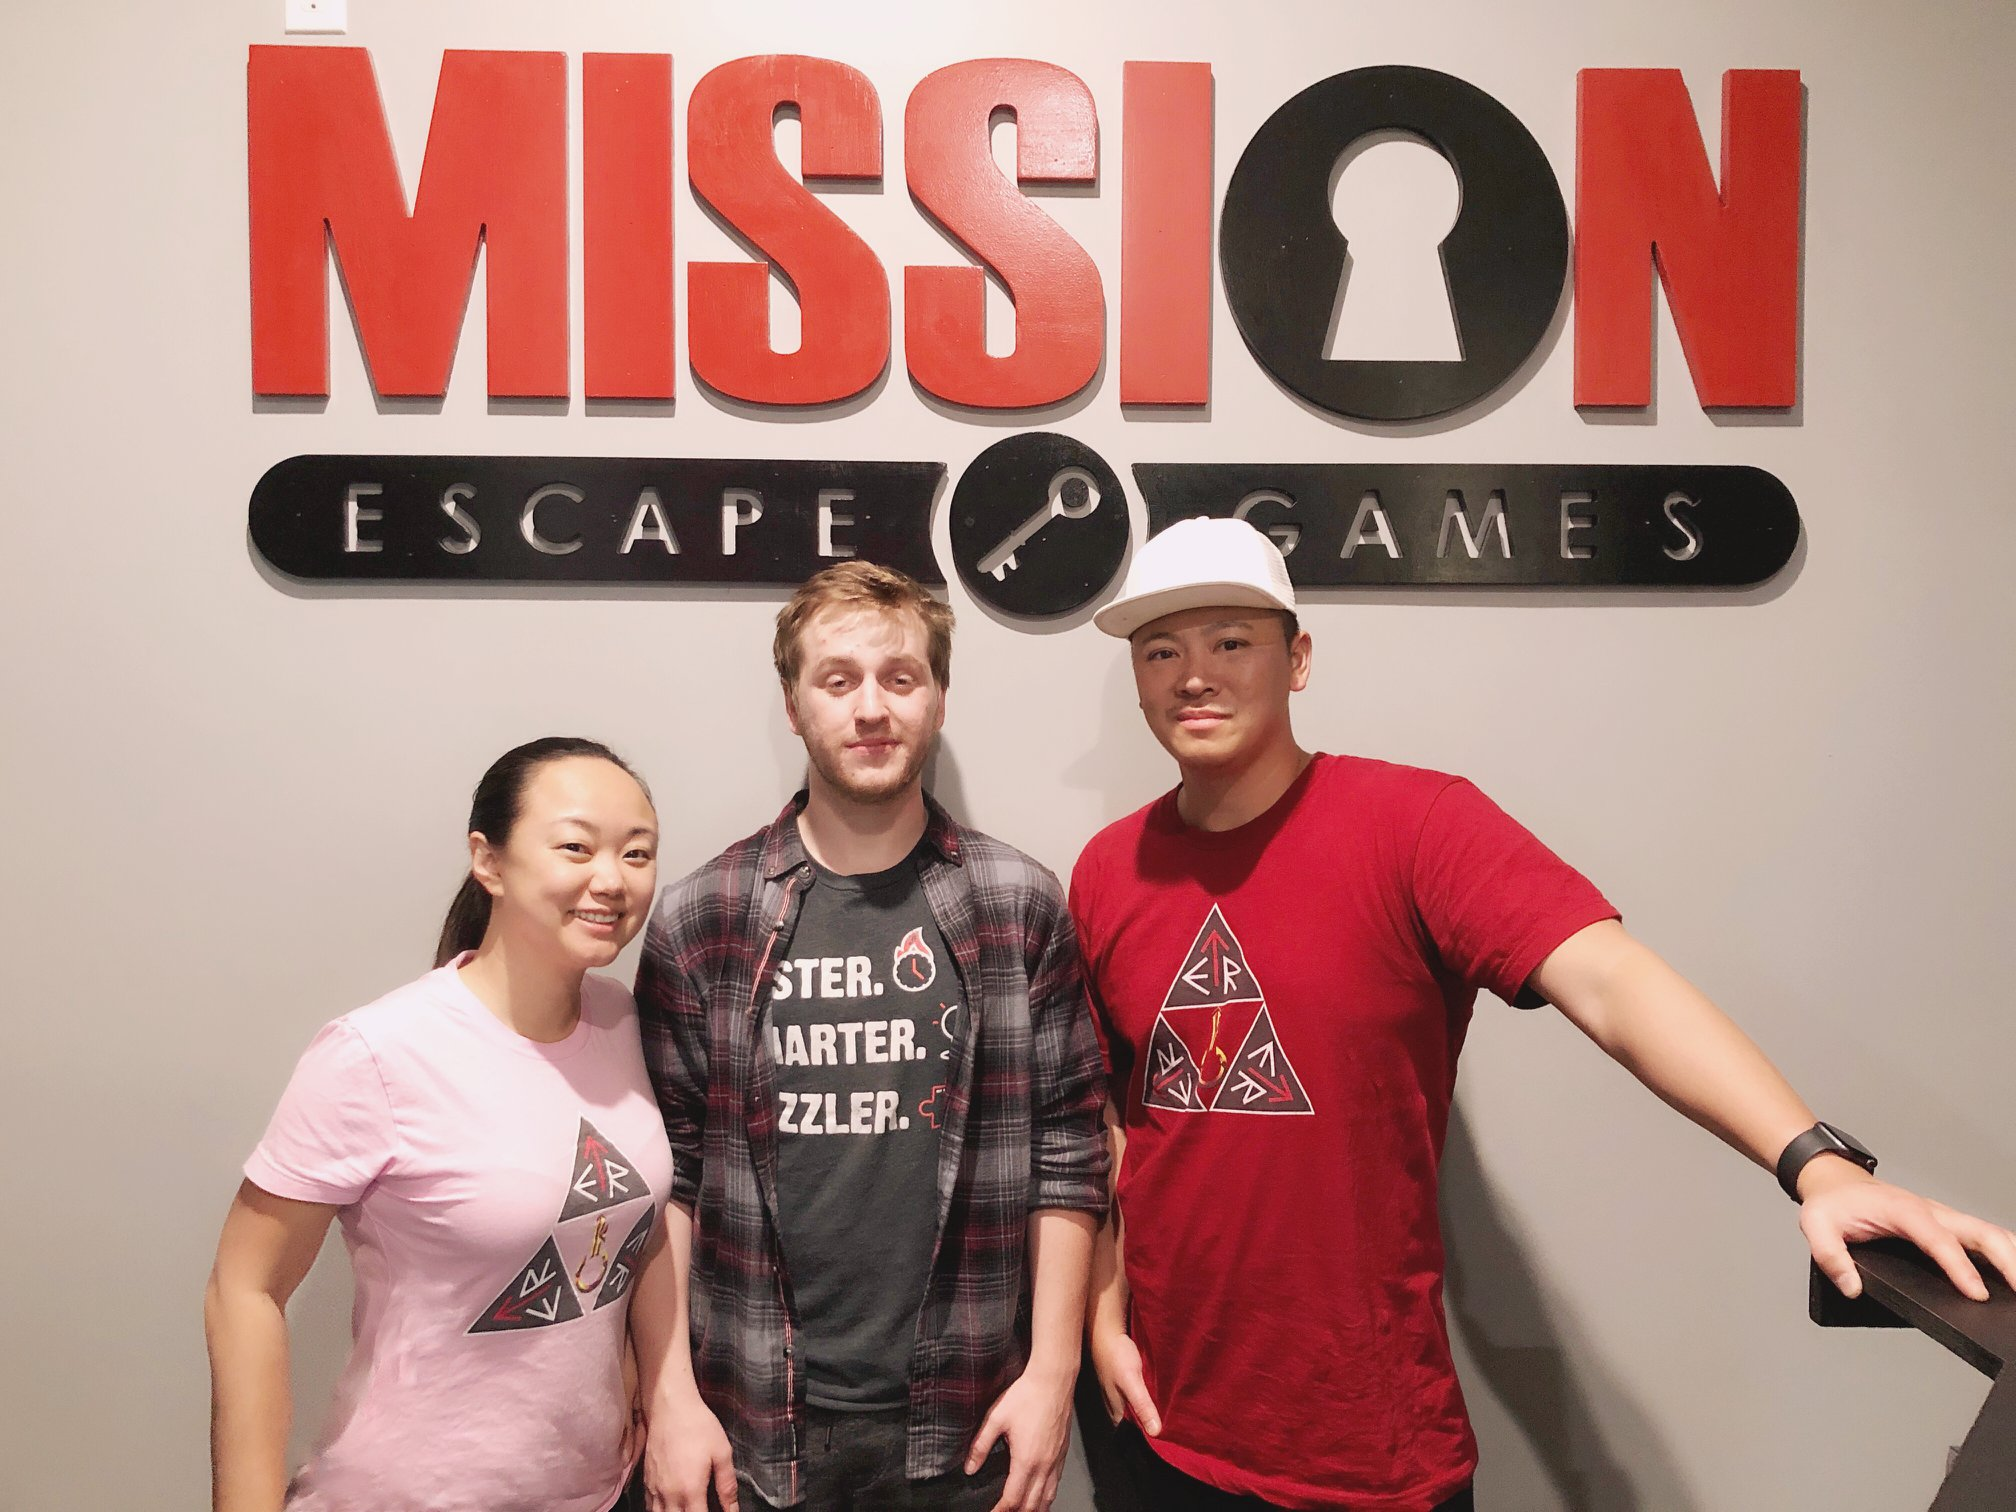 Mission Escape Games Anaheim